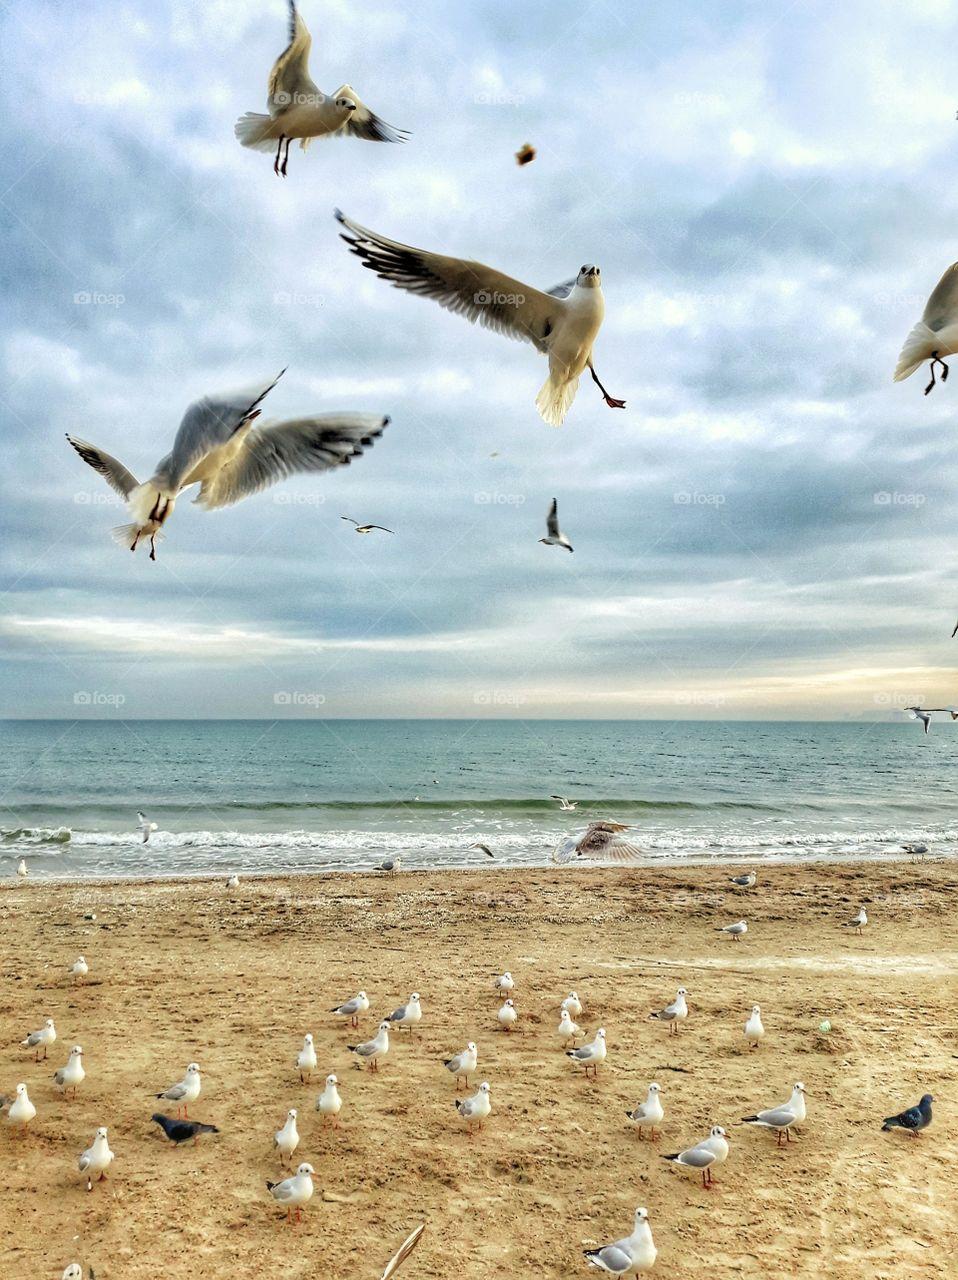 birds on the beach, sunset